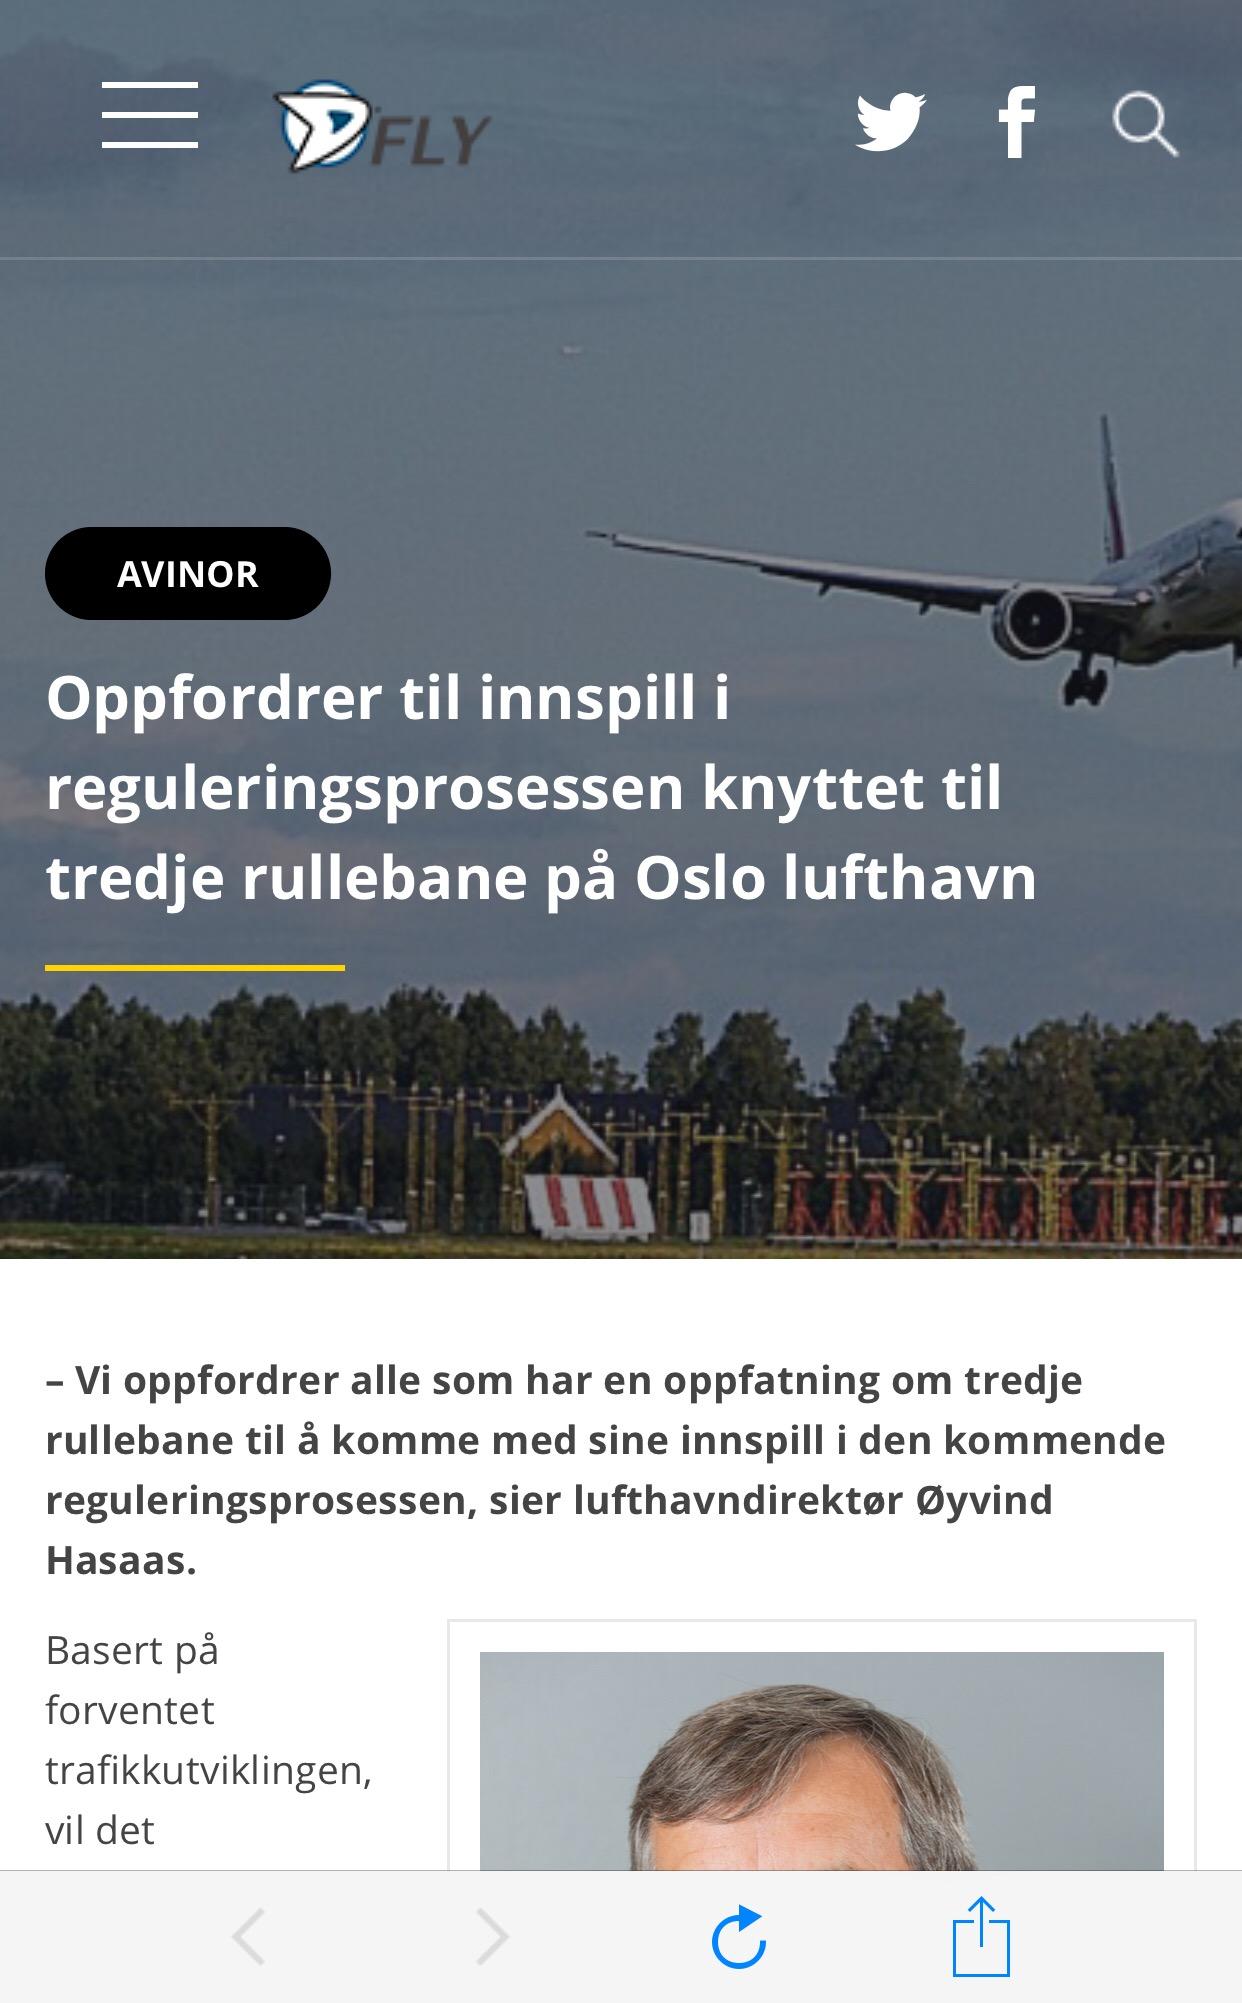 https://www.dfly.no/%E2%80%8Boppfordrer-til-innspill-i-reguleringsprosessen-knyttet-til-tredje-rullebane-pa-oslo-lufthavn/